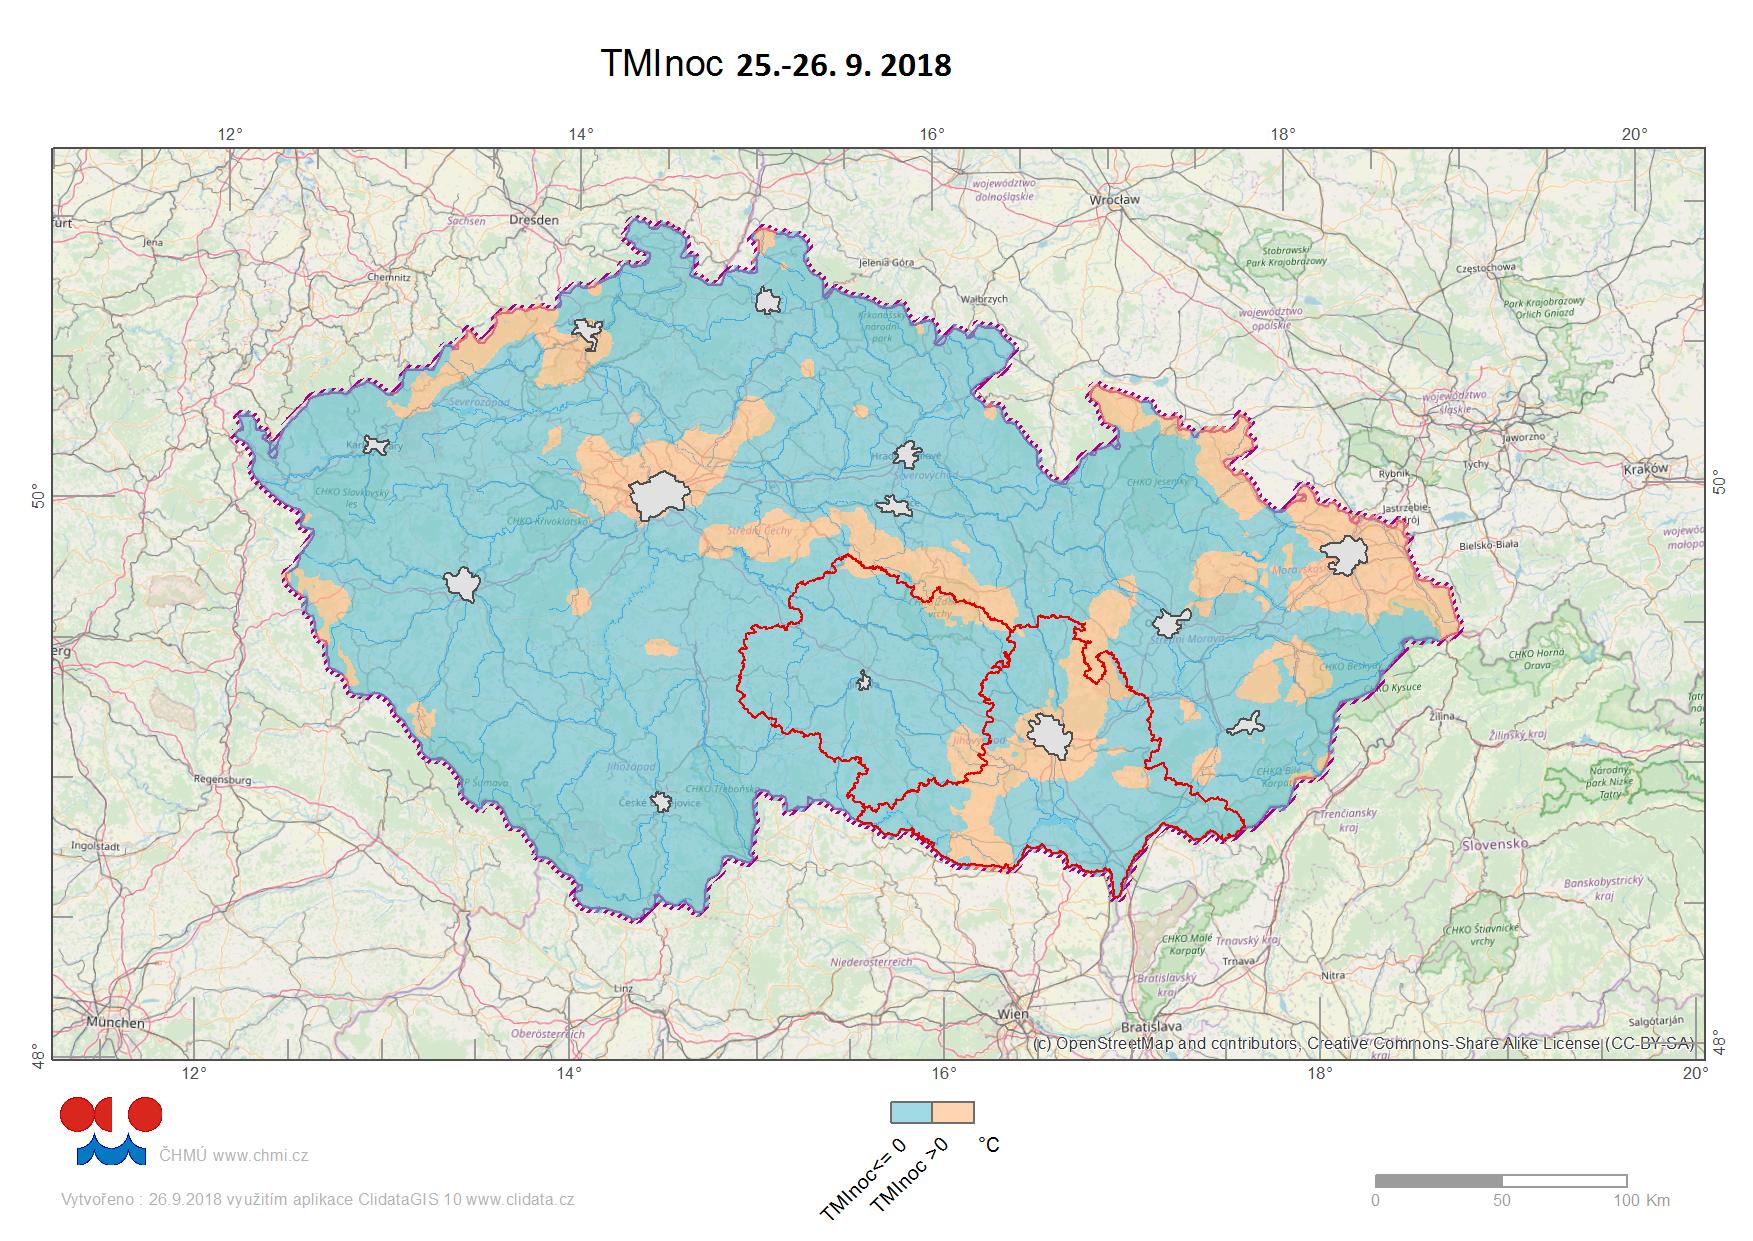 Noční mráz v krajích Jihomoravský a Vysočina1 min čtení